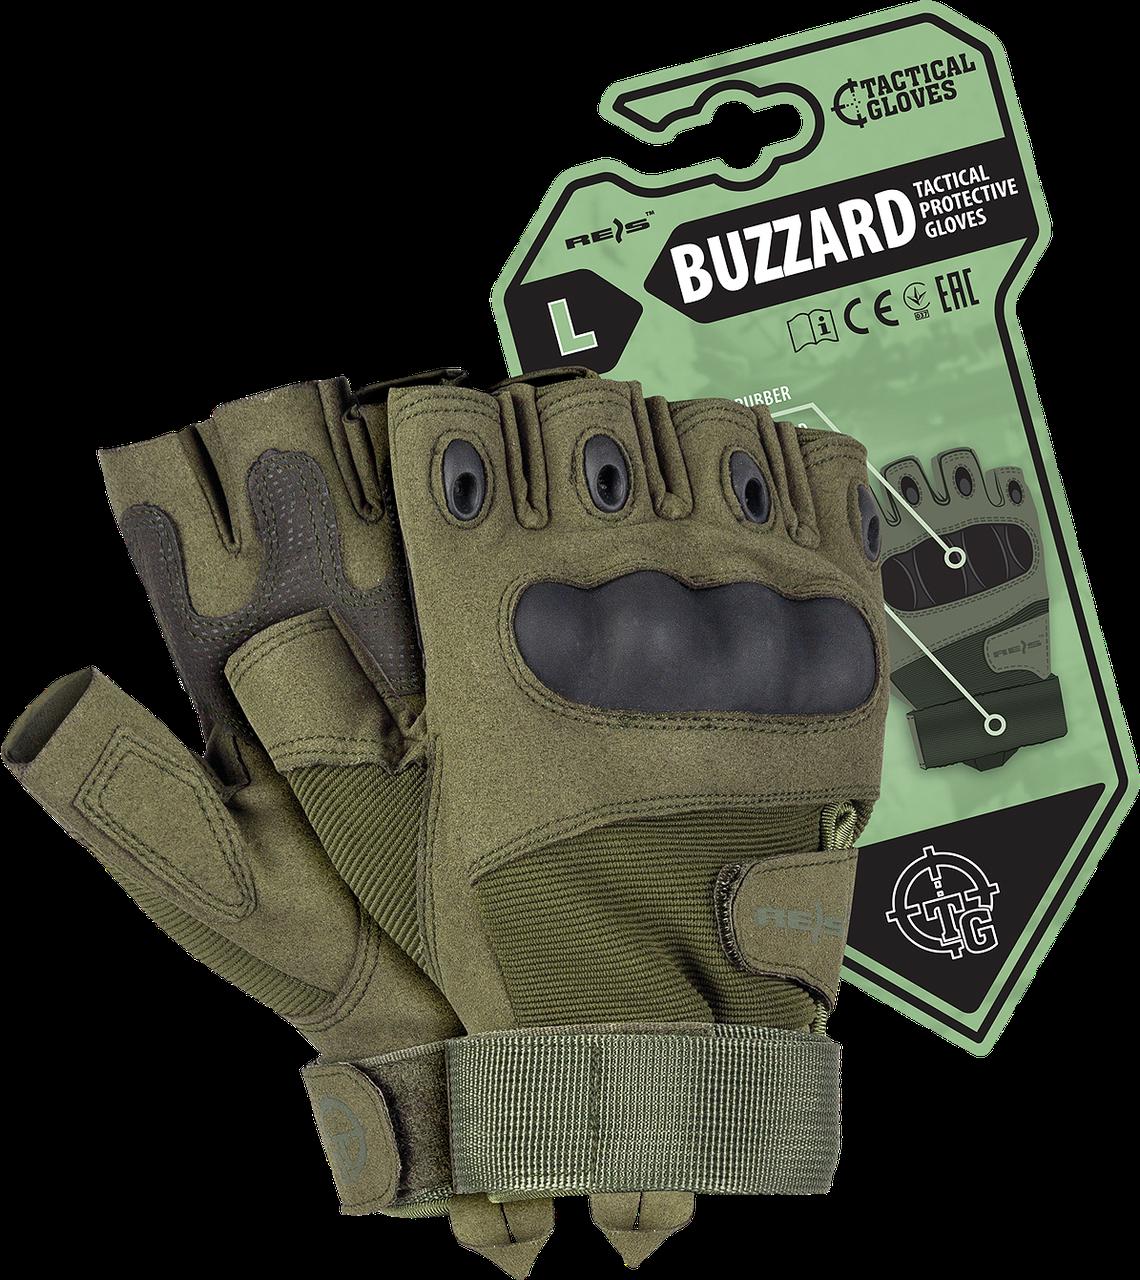 Тактические перчатки RTC-BUZZARD Z зеленого цвета.